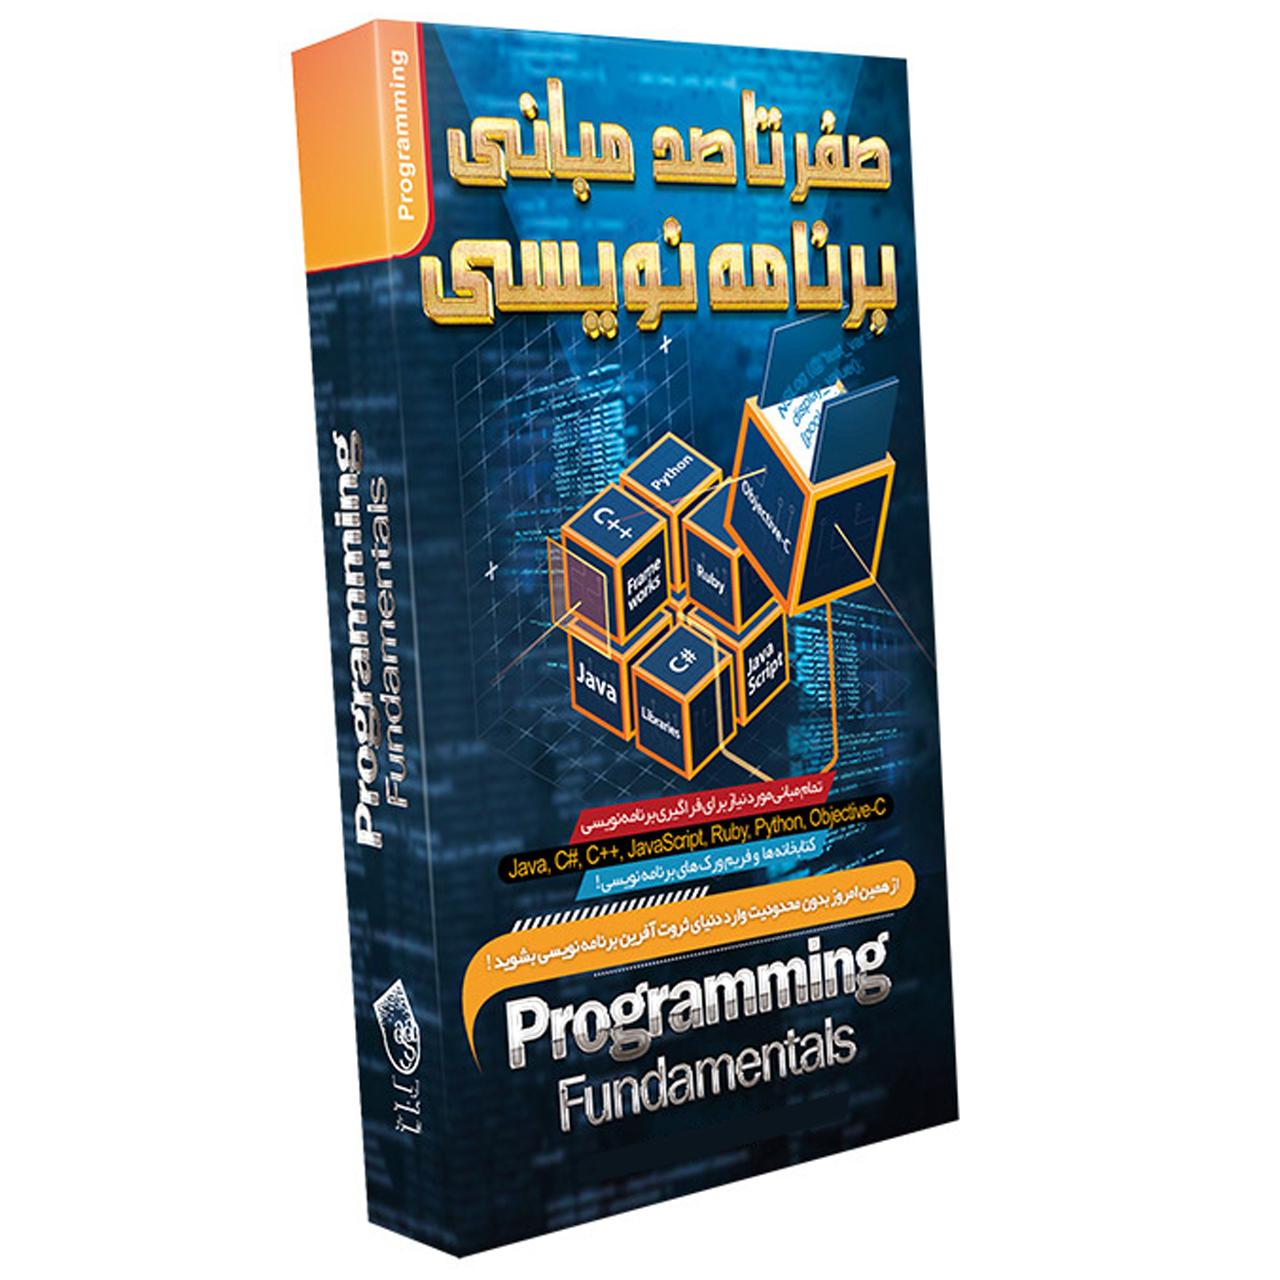 مجموعه آموزشی صفر تا صد  مبانی برنامه نویسی نشر آریاگستر افزار |